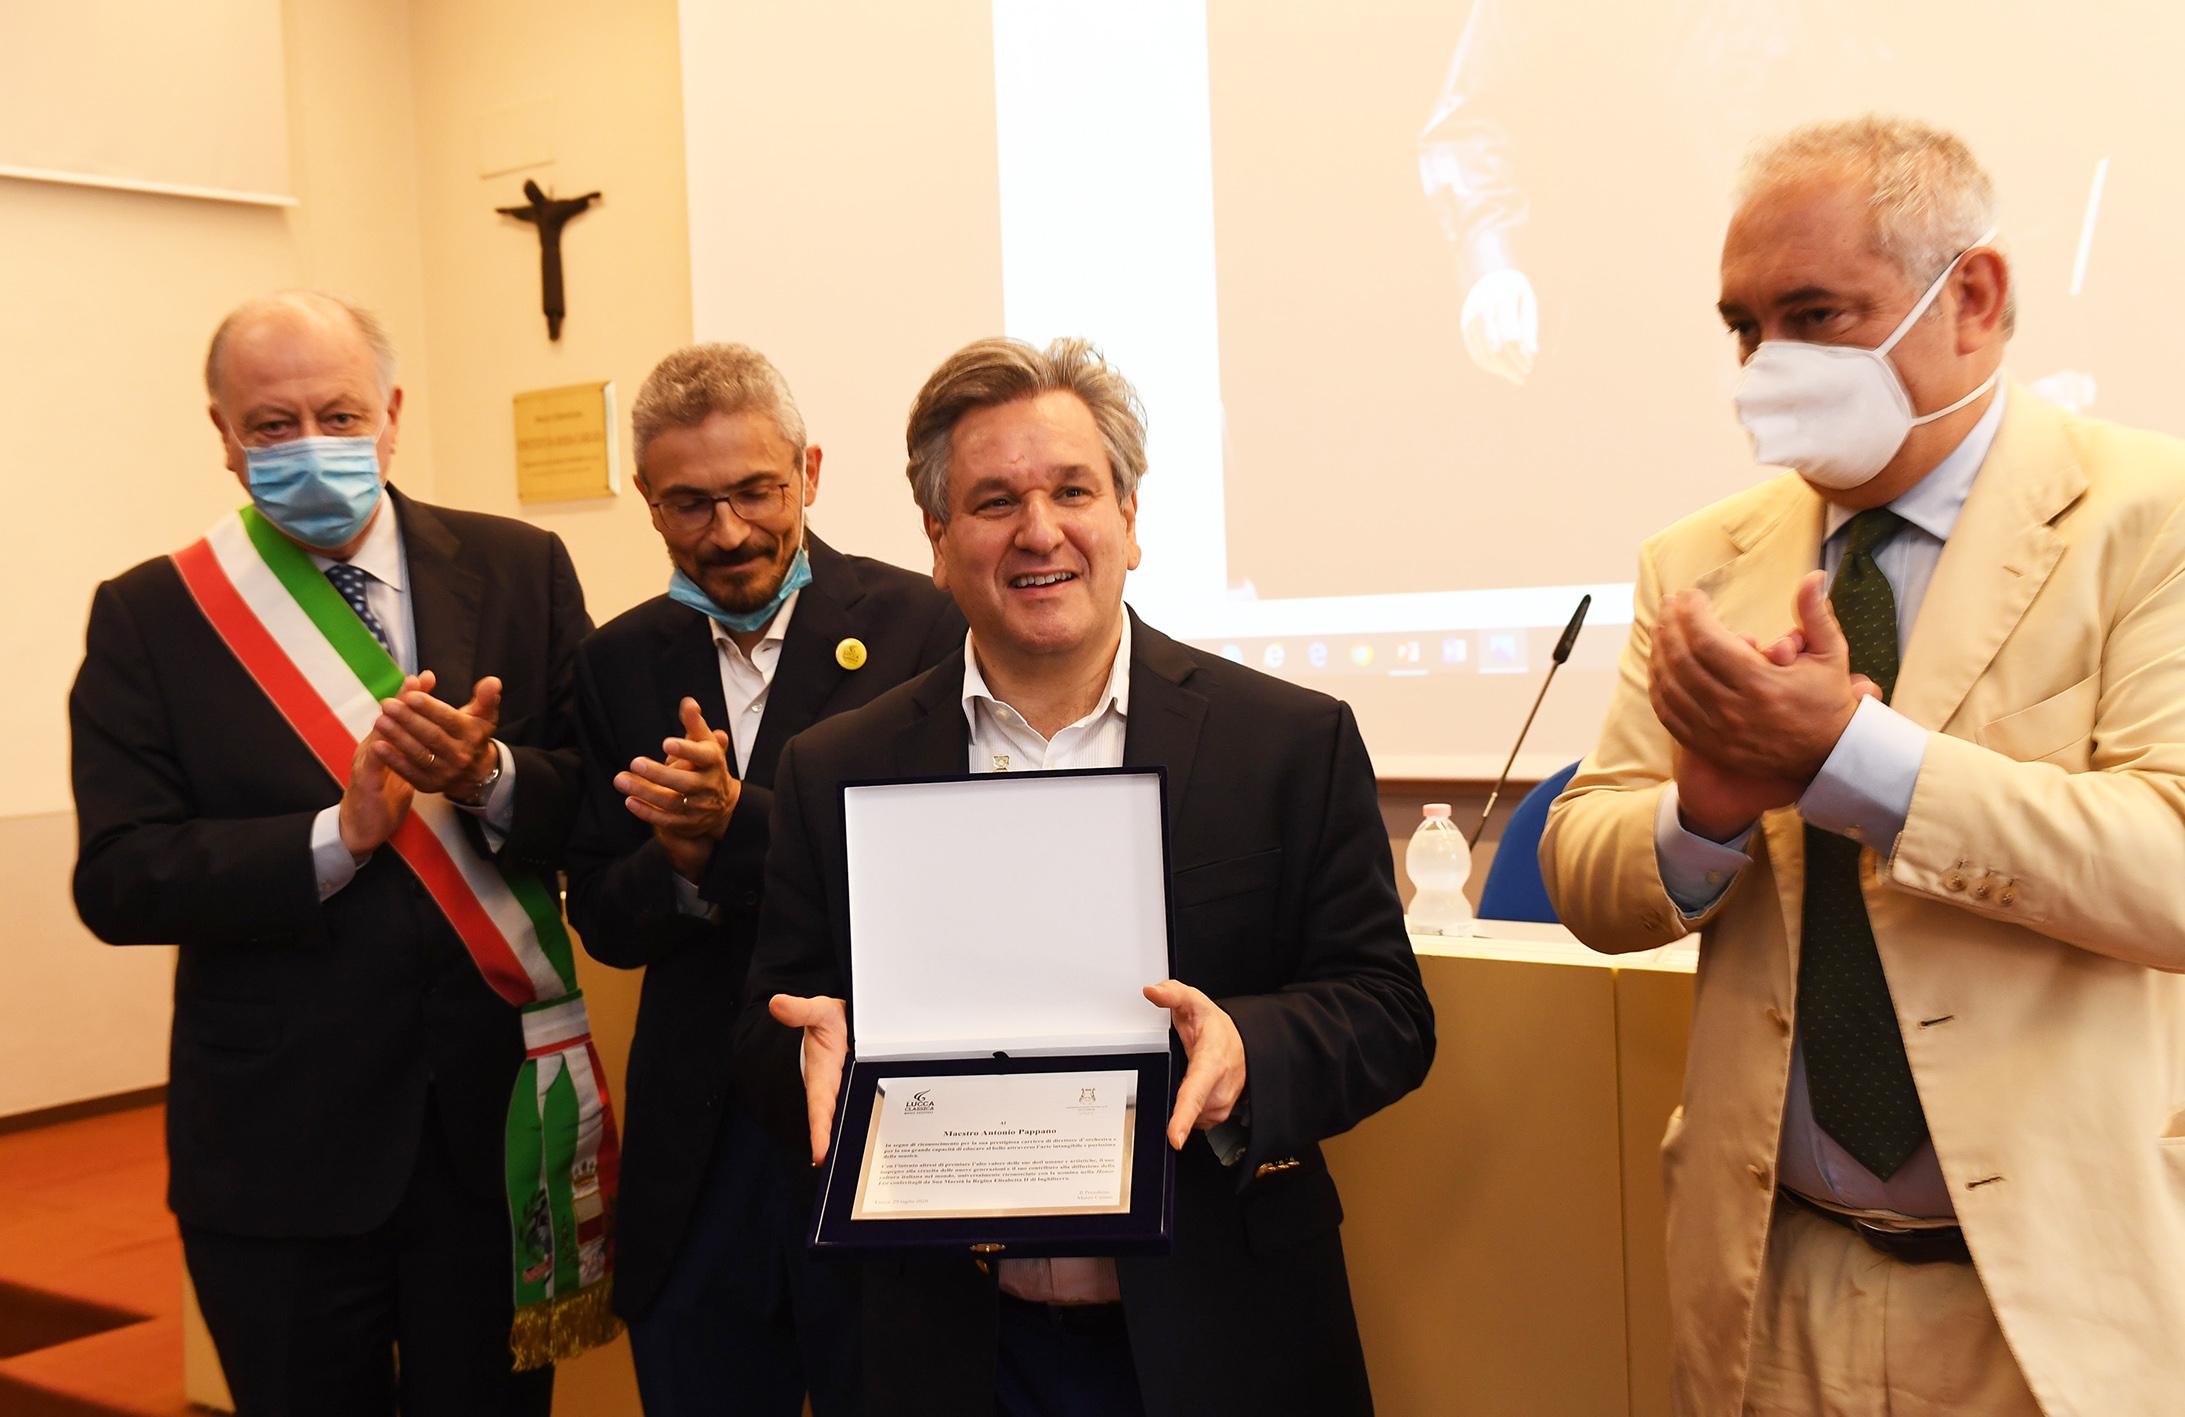 Consegna del Lucca Classica 2020 a Sir Antonio Pappano  - foto @ ufficio stampa Lucca Classica